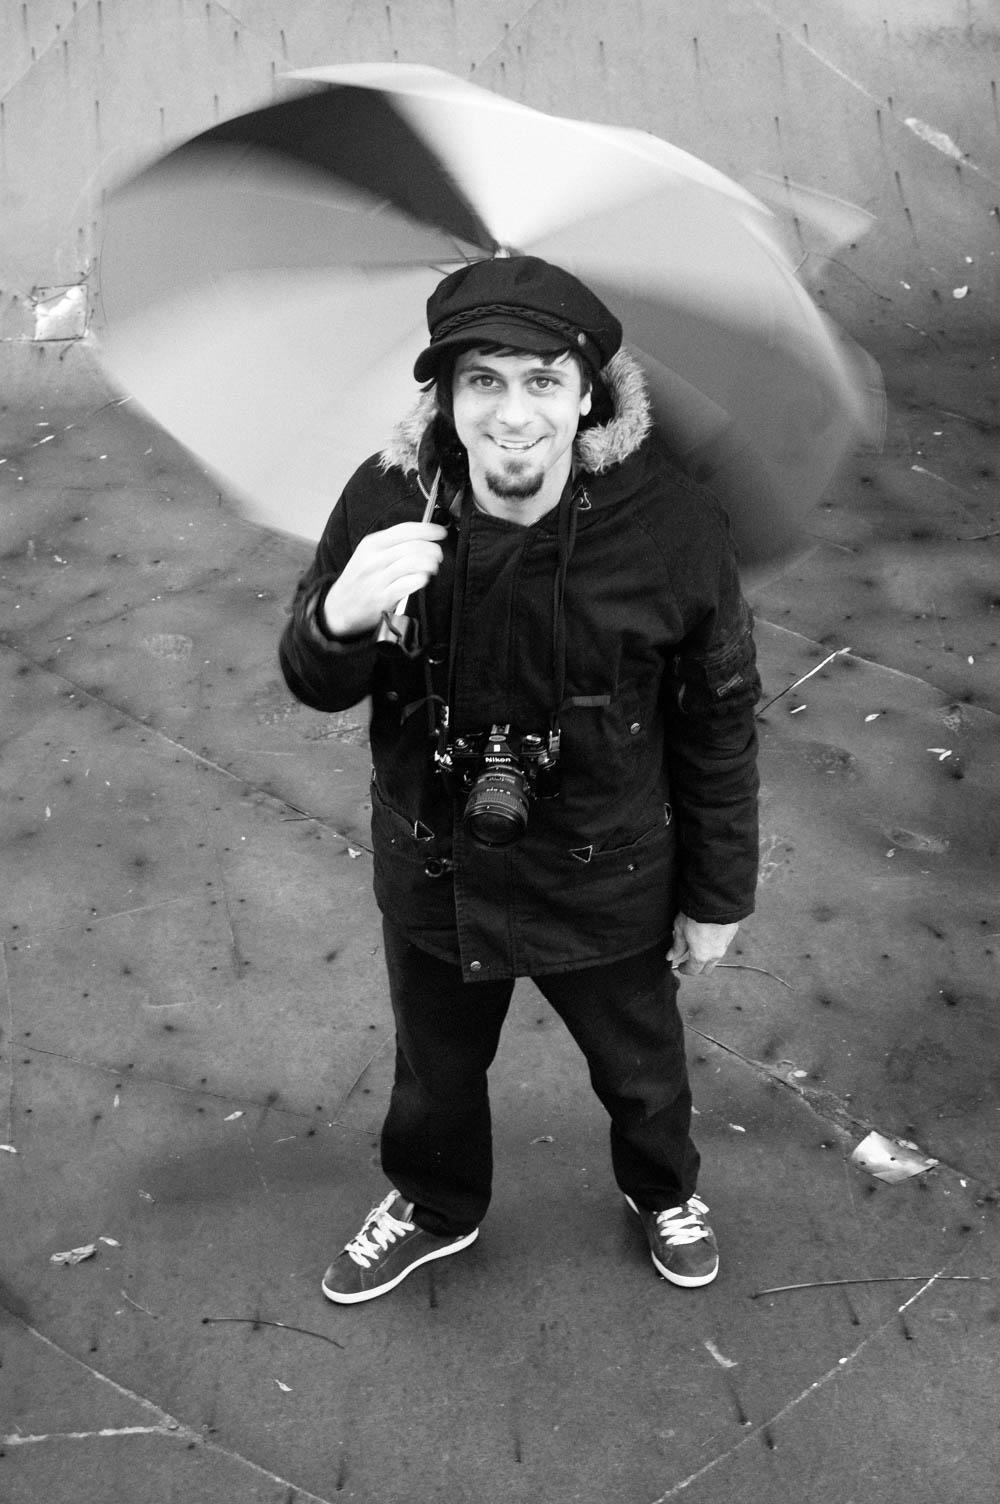 Кепки, рюкзаки и одежда Brixton в Минске